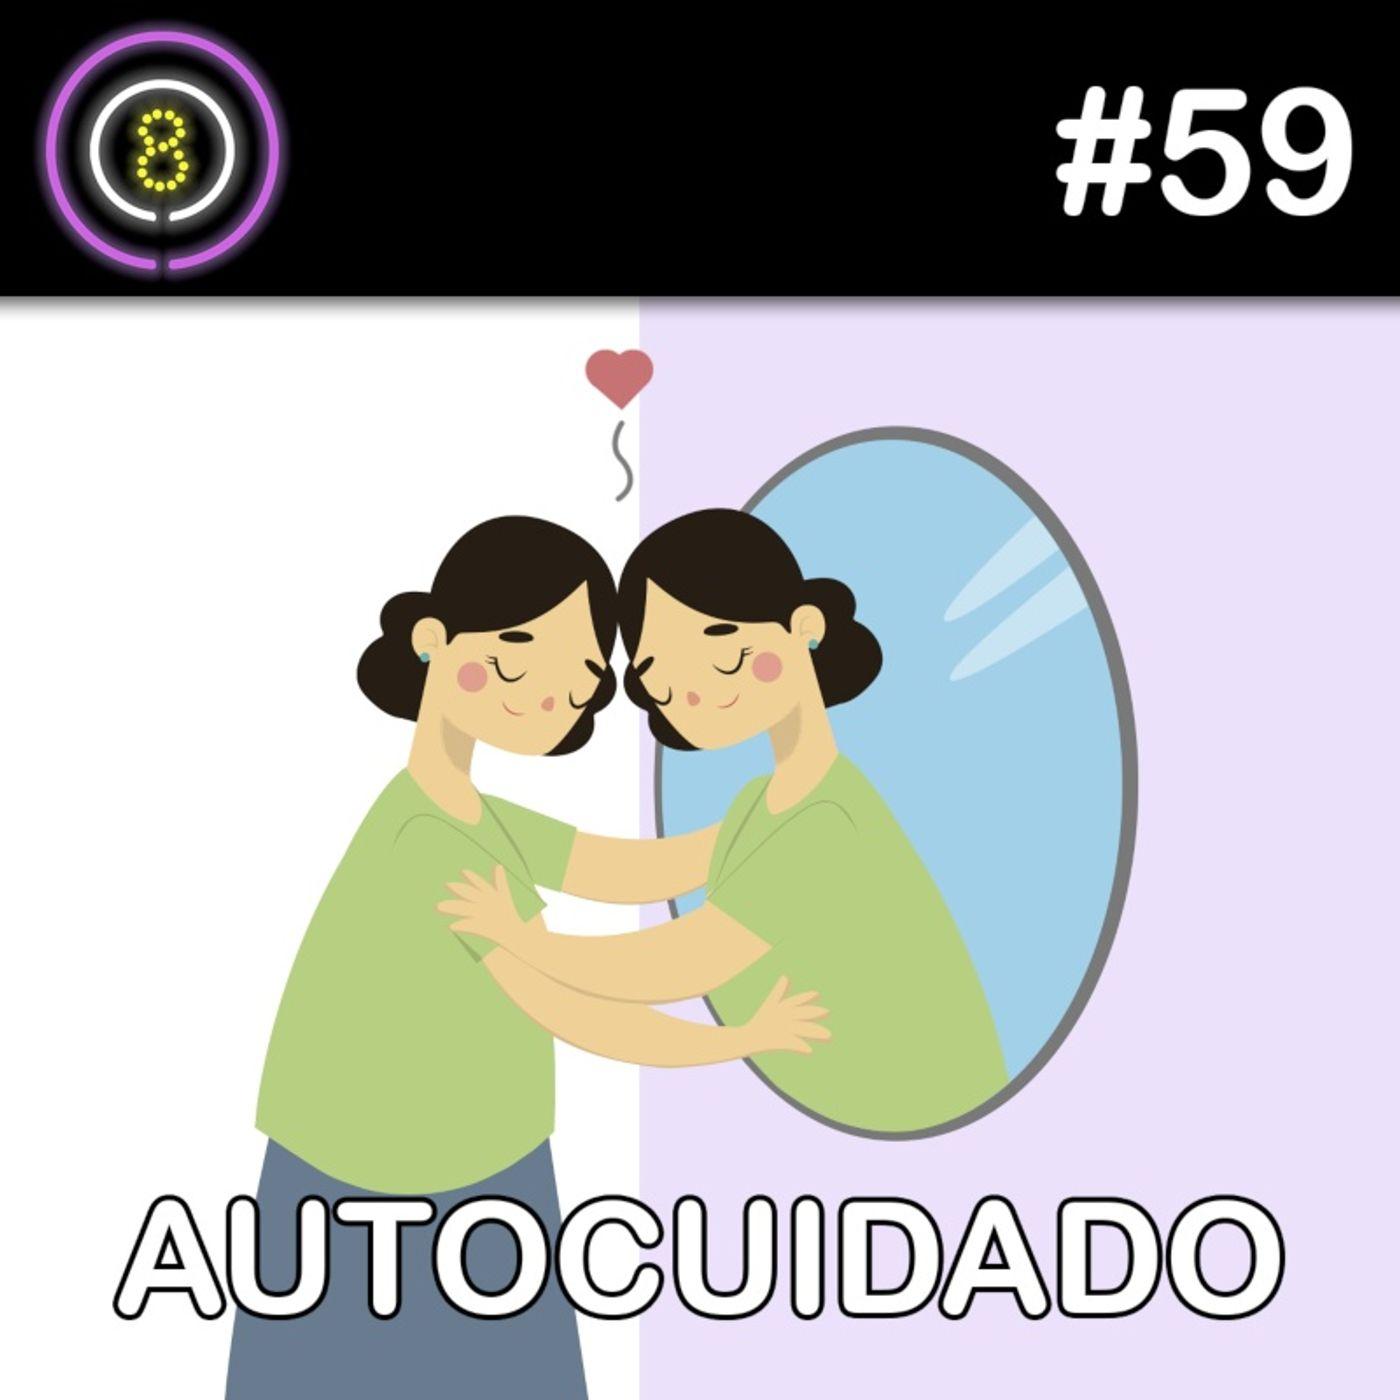 #59 - Autocuidado